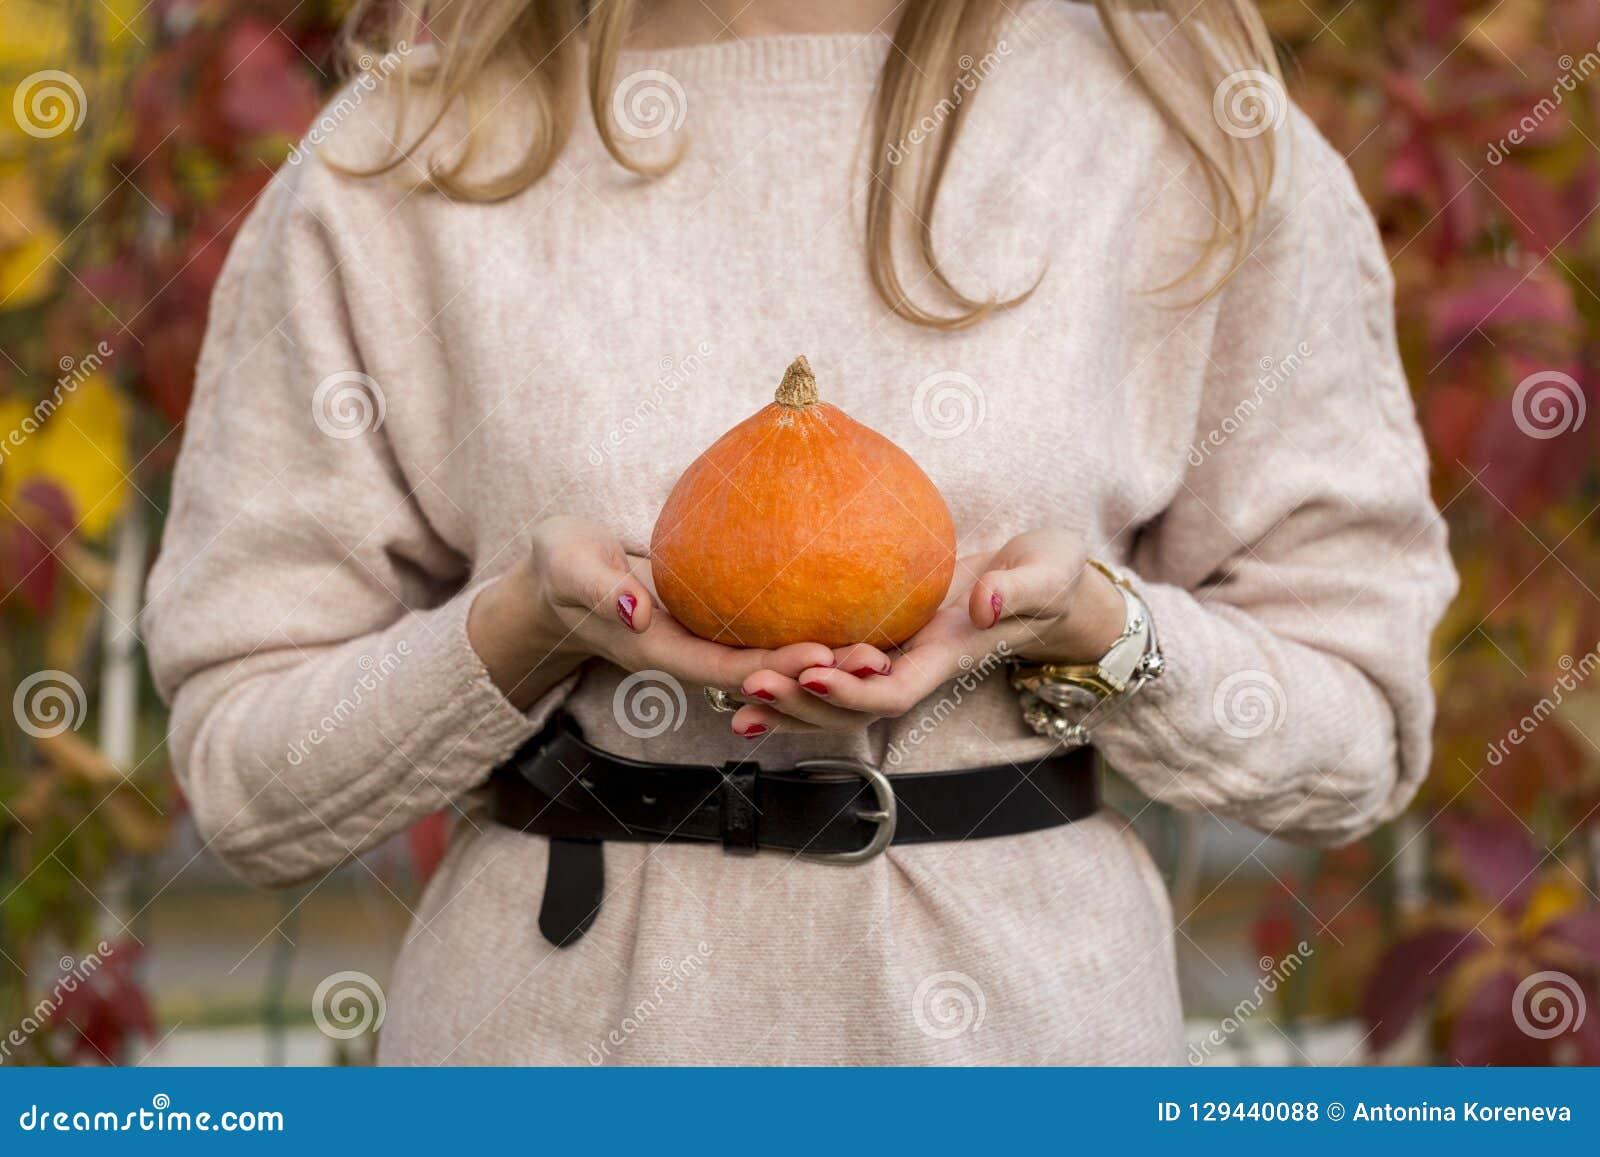 Pumpkin in woman hand out door